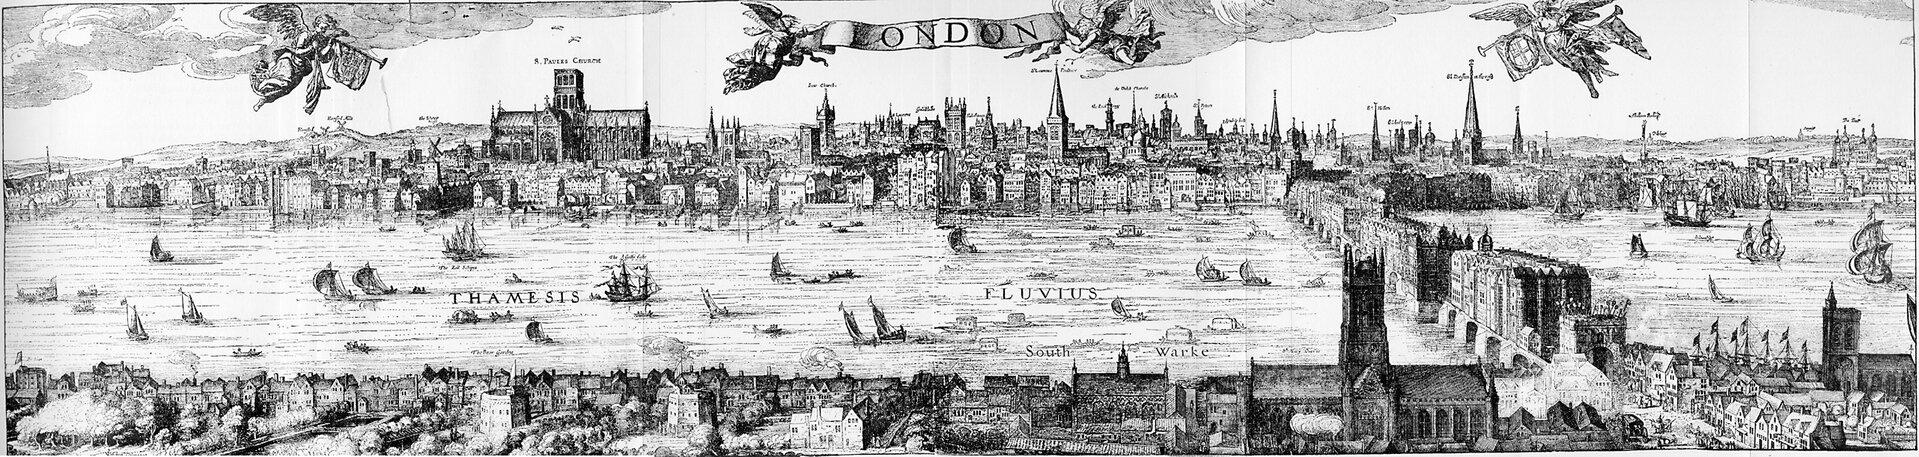 Panorama Londynu zwidokiem na port na Tamizie wg ryciny Claesa van Visschera z1616 r. Panorama Londynu zwidokiem na port na Tamizie wg ryciny Claesa van Visschera z1616 r. Źródło: Claes van Visscher, 1616, domena publiczna.